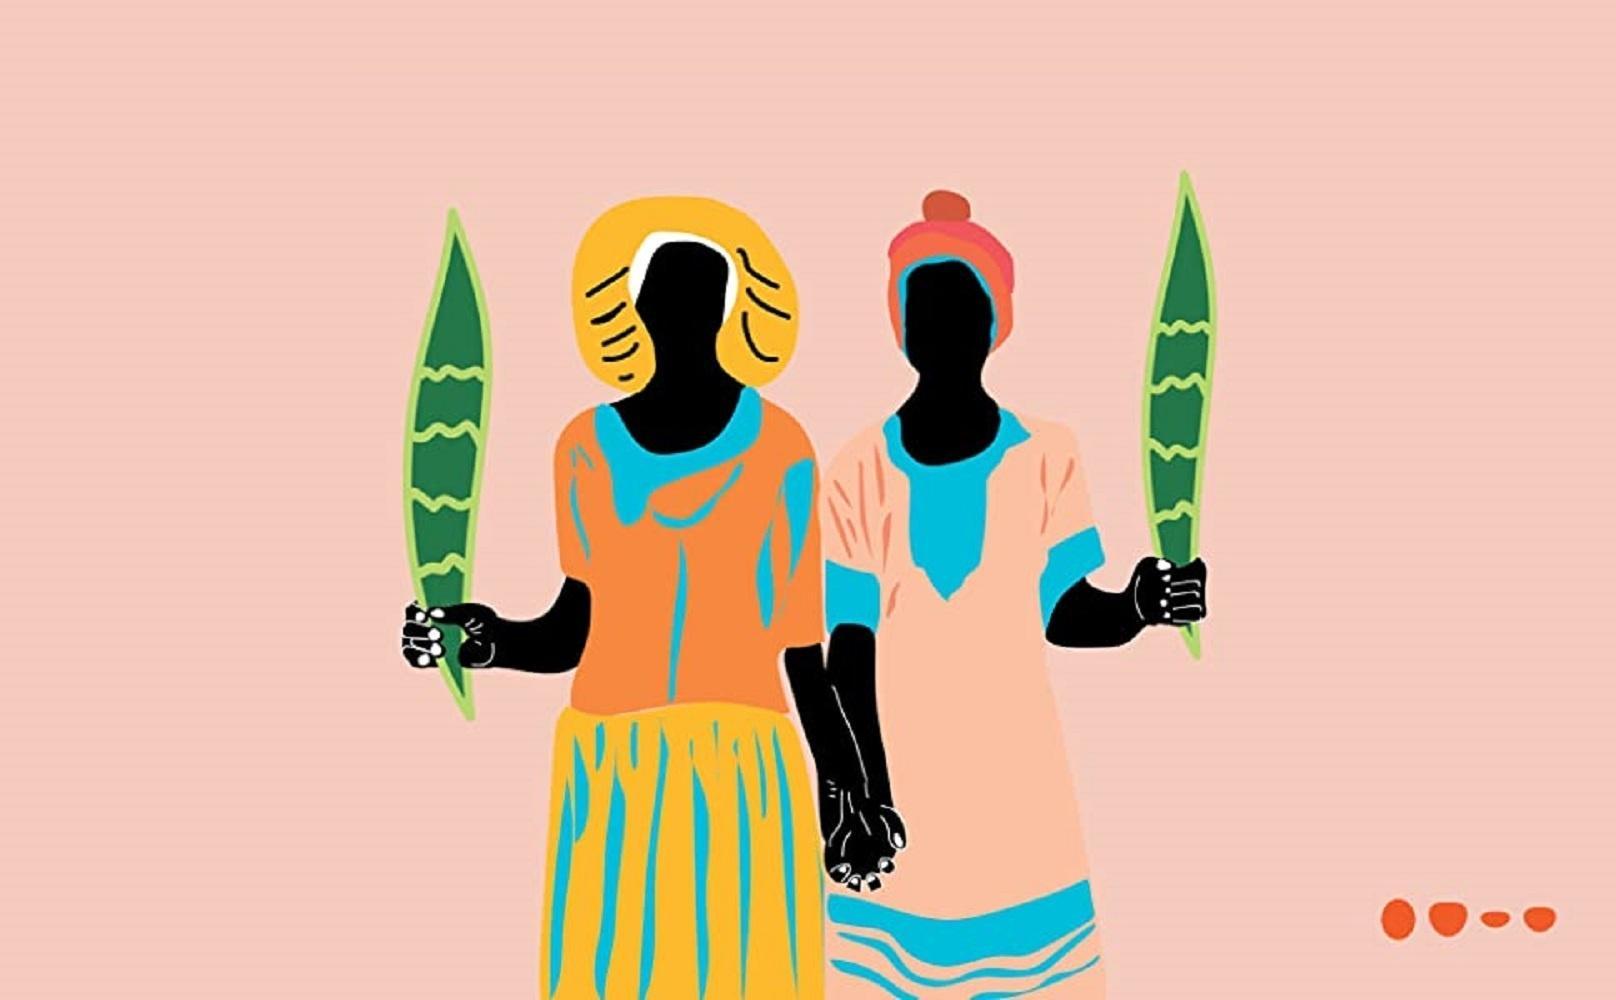 Torto arado: Inclusão, ancestralidade e debates sociais